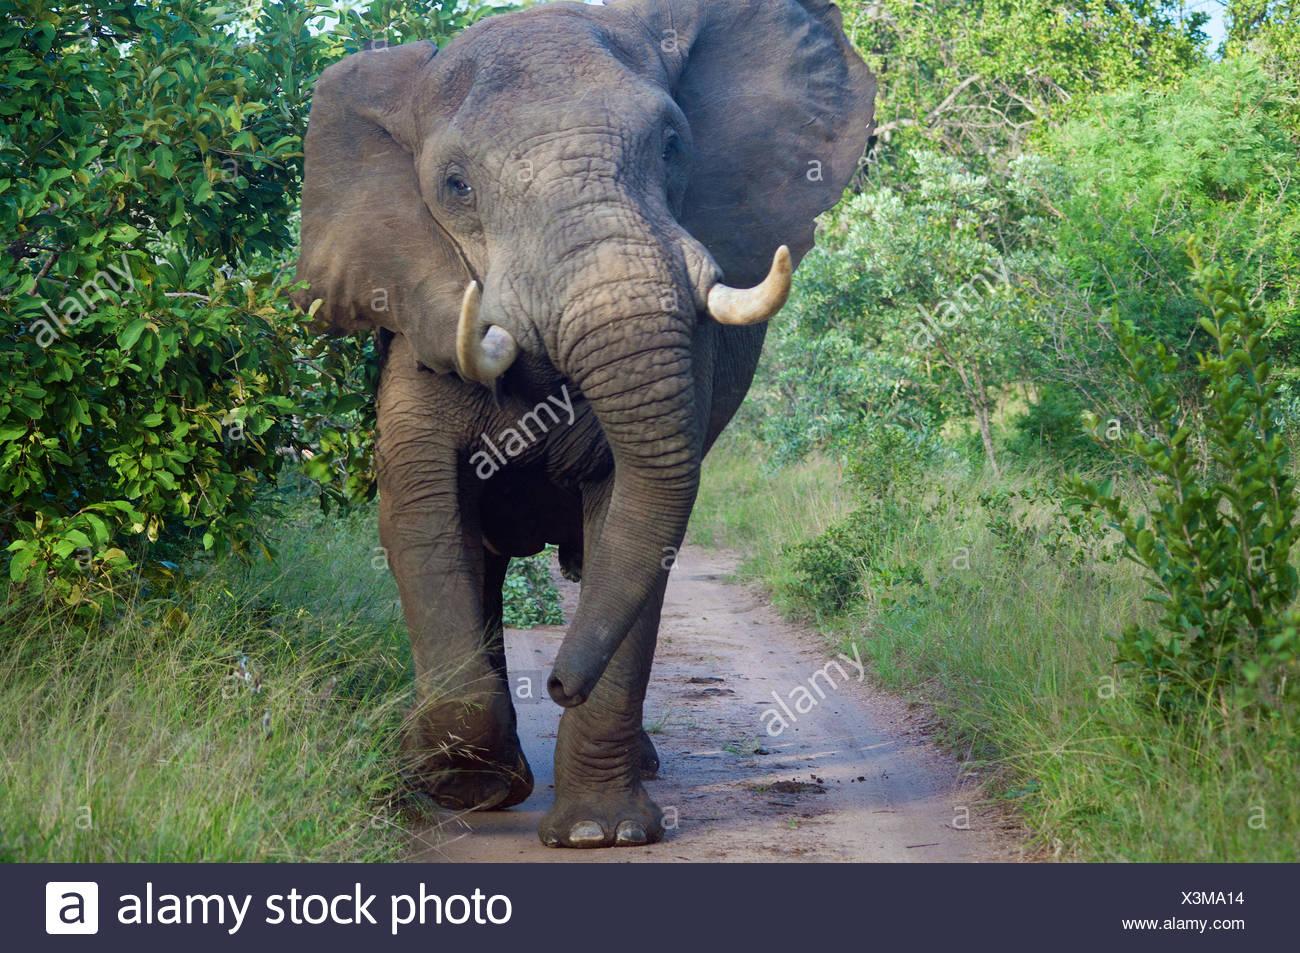 Bull éléphant debout sur la route, Limpopo, Afrique du Sud Photo Stock